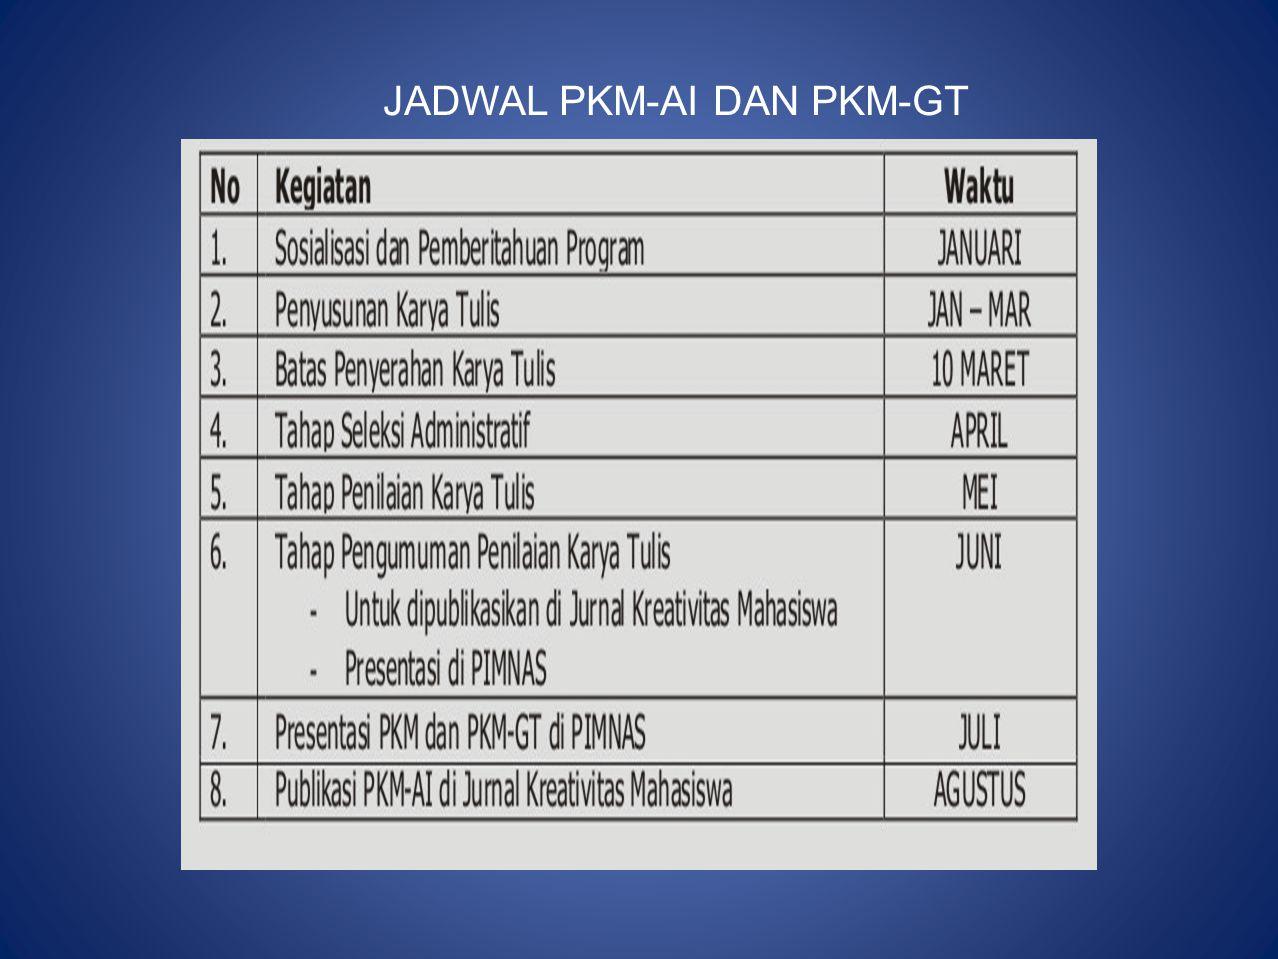 JADWAL PKM-AI DAN PKM-GT